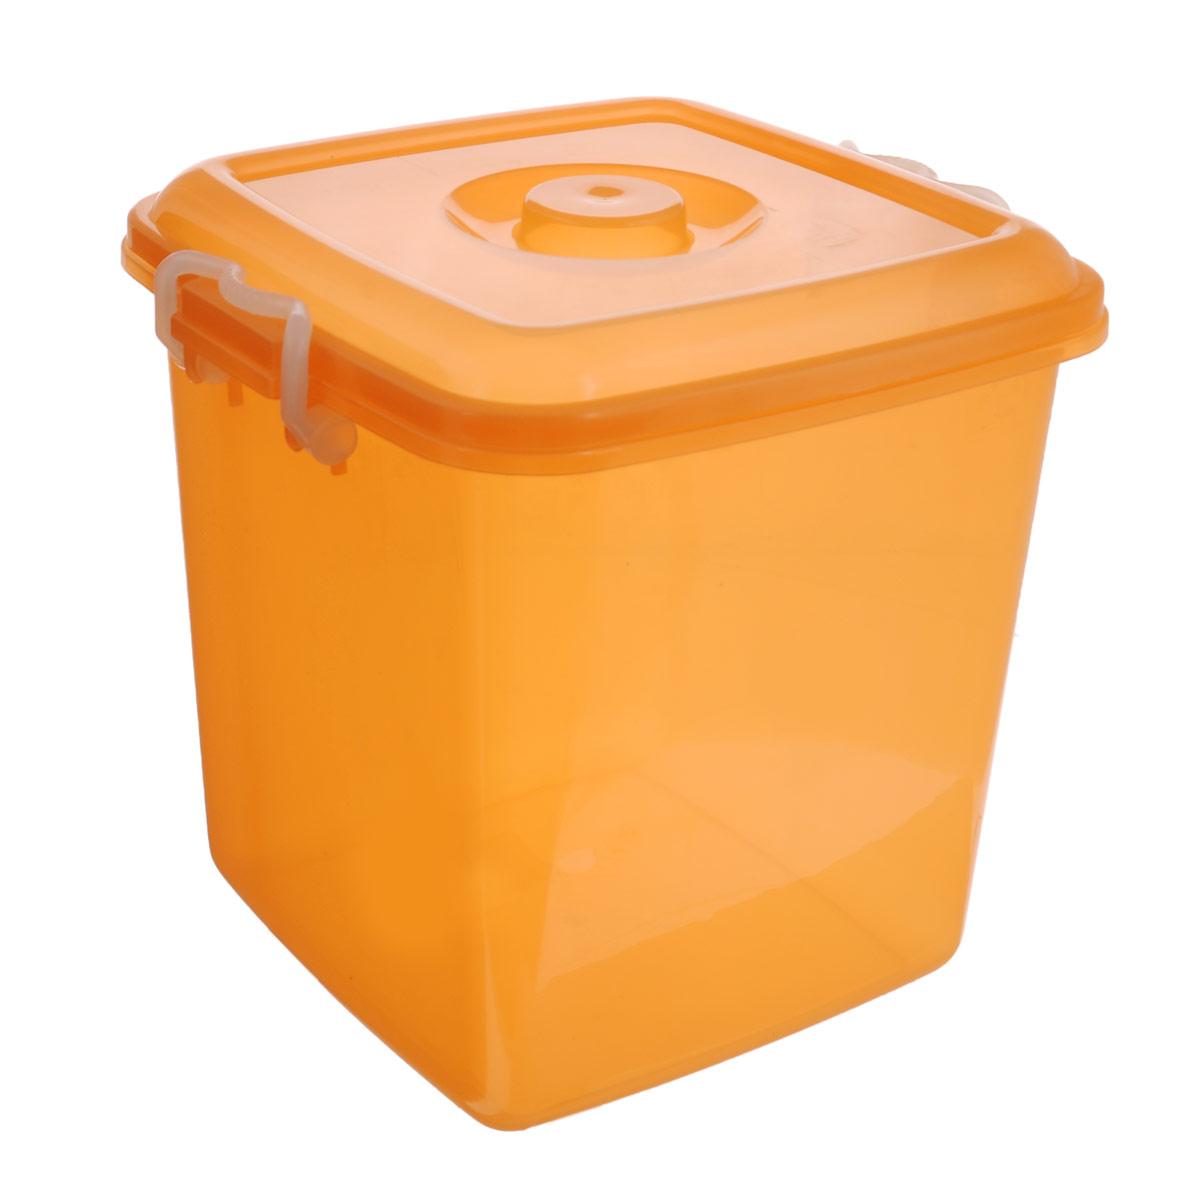 Контейнер для хранения Idea Океаник, цвет: оранжевый, 20 лS03301004Контейнер Idea Океаник выполнен из высококачественного полипропилена, предназначен для хранения различных вещей.Контейнер снабжен эргономичной плотно закрывающейся крышкой со специальными боковыми фиксаторами. Объем контейнера: 20 л.